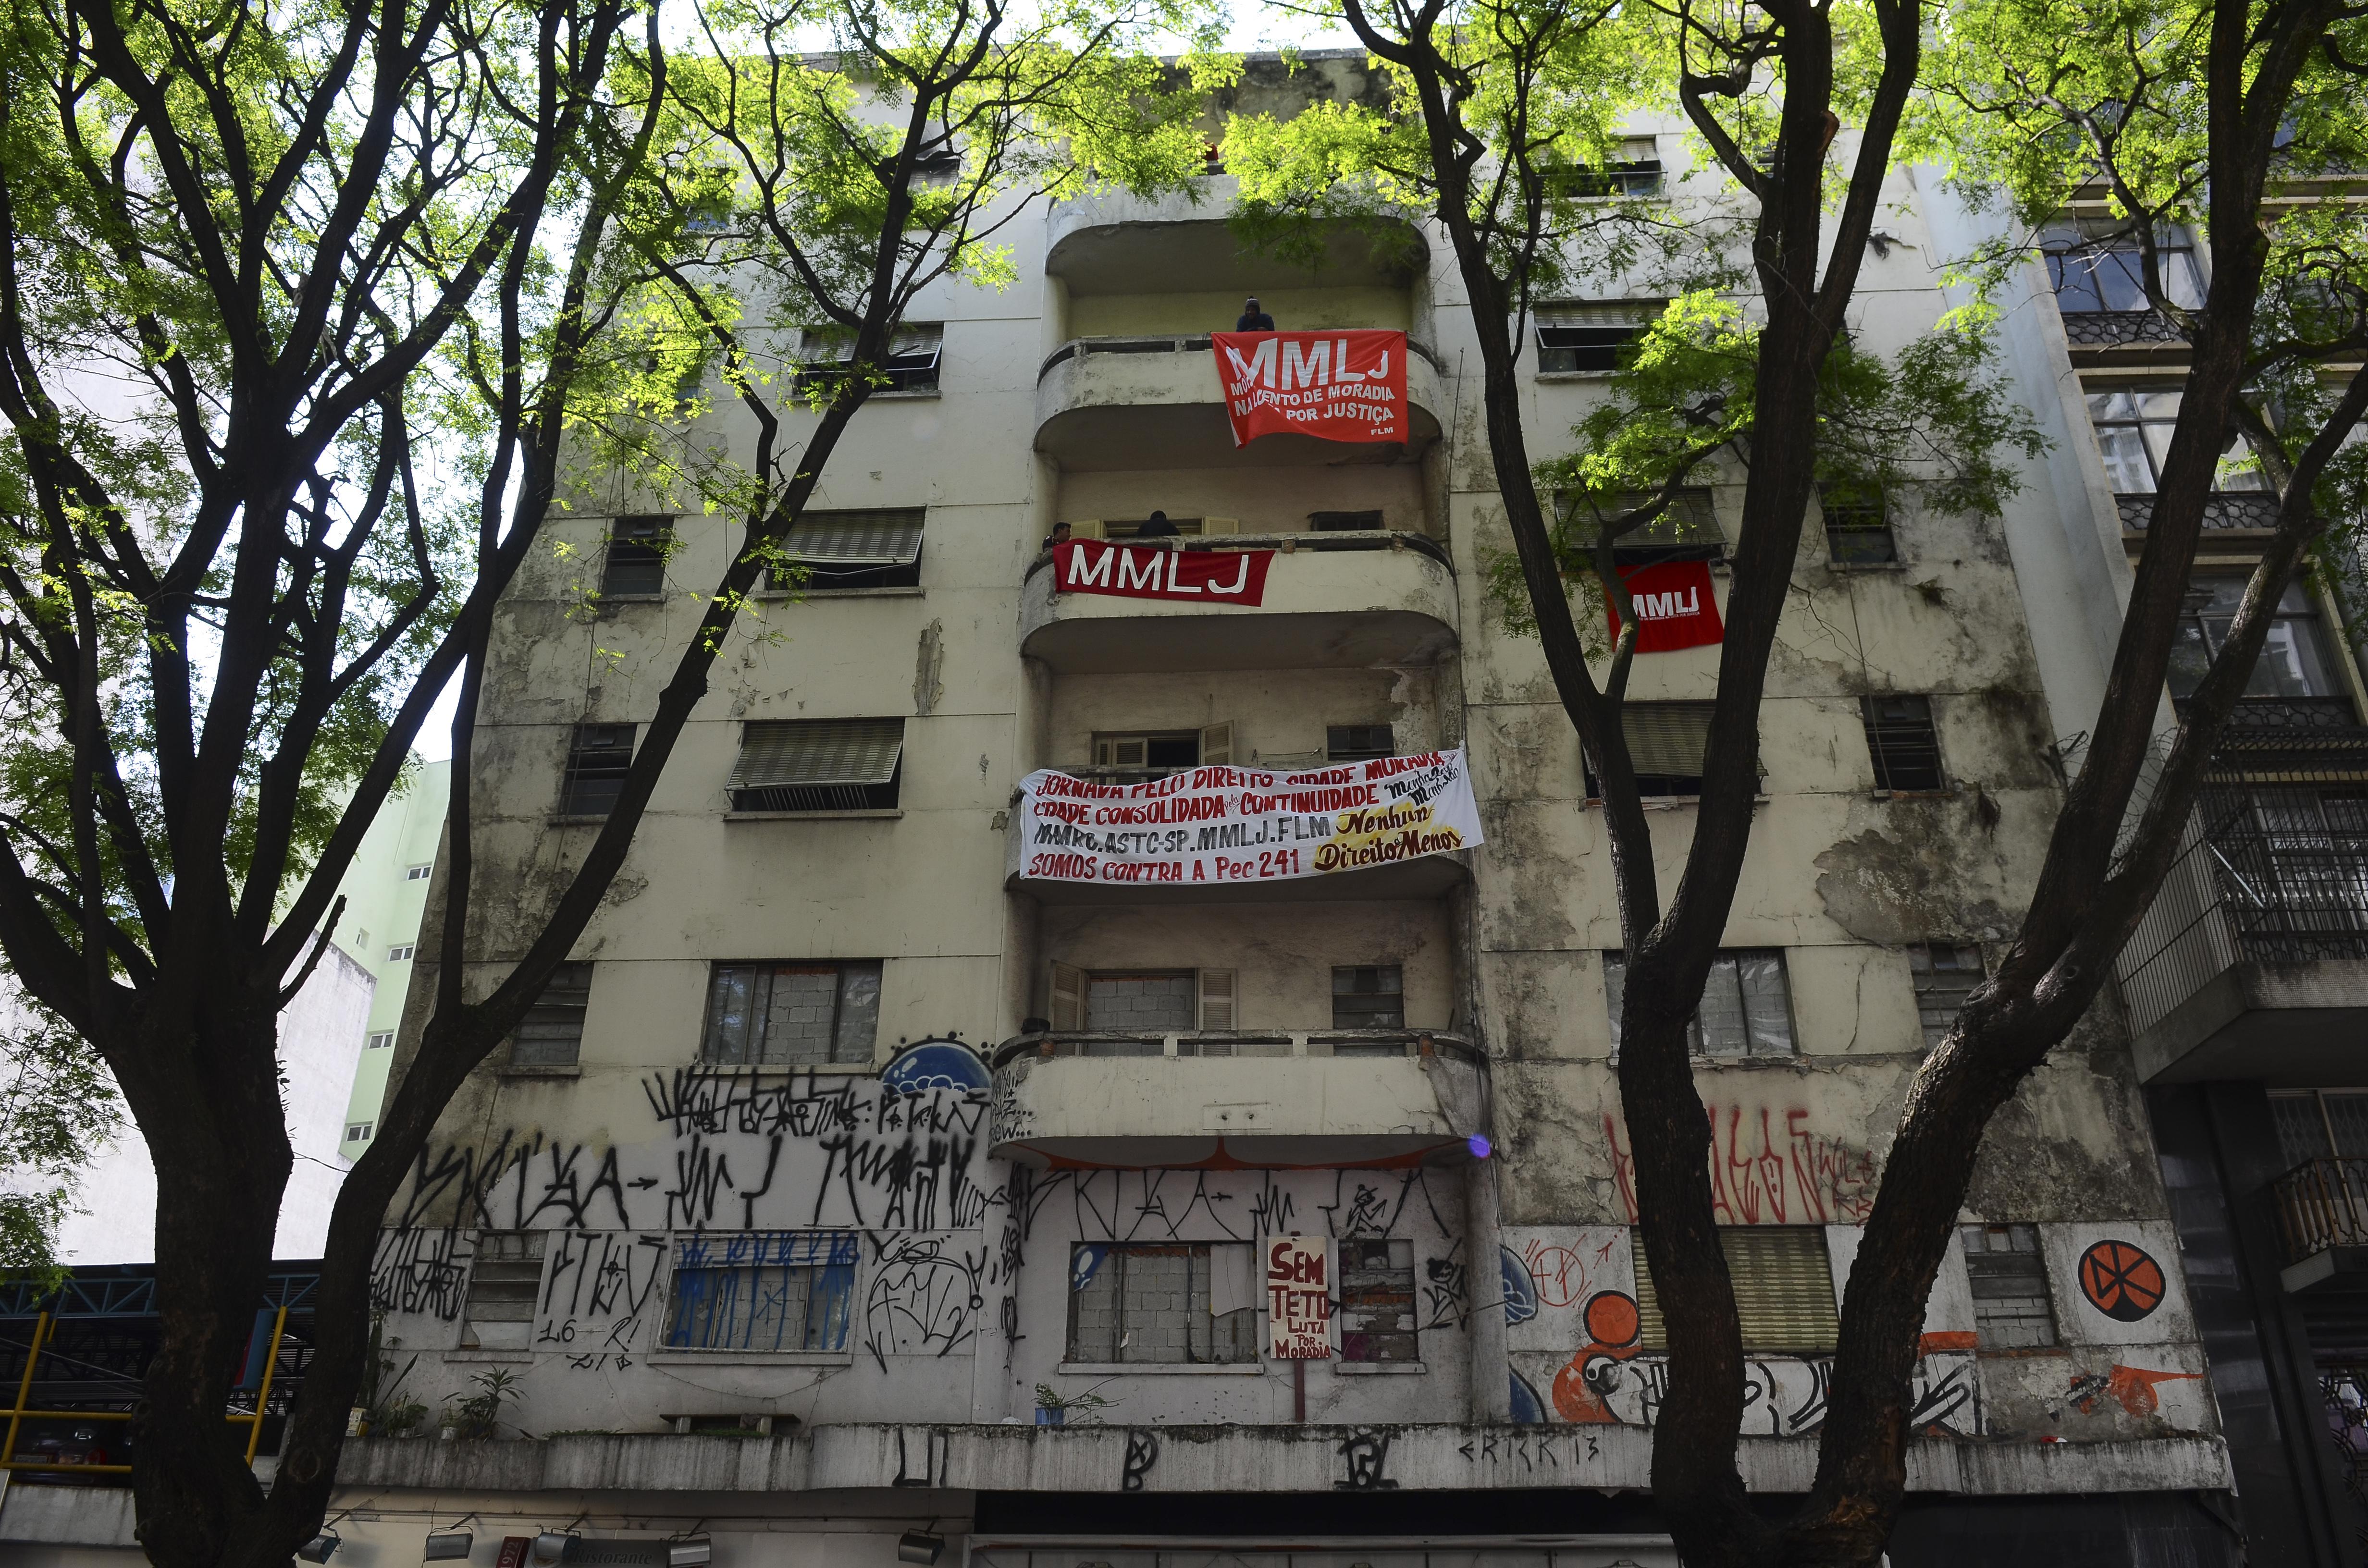 São Paulo - Integrantes da Frente de Luta por Moradia ocupam prédio na Rua Ipiranga, região central (Rovena Rosa/Agência Brasil)Rovena Rosa/Agência Brasil